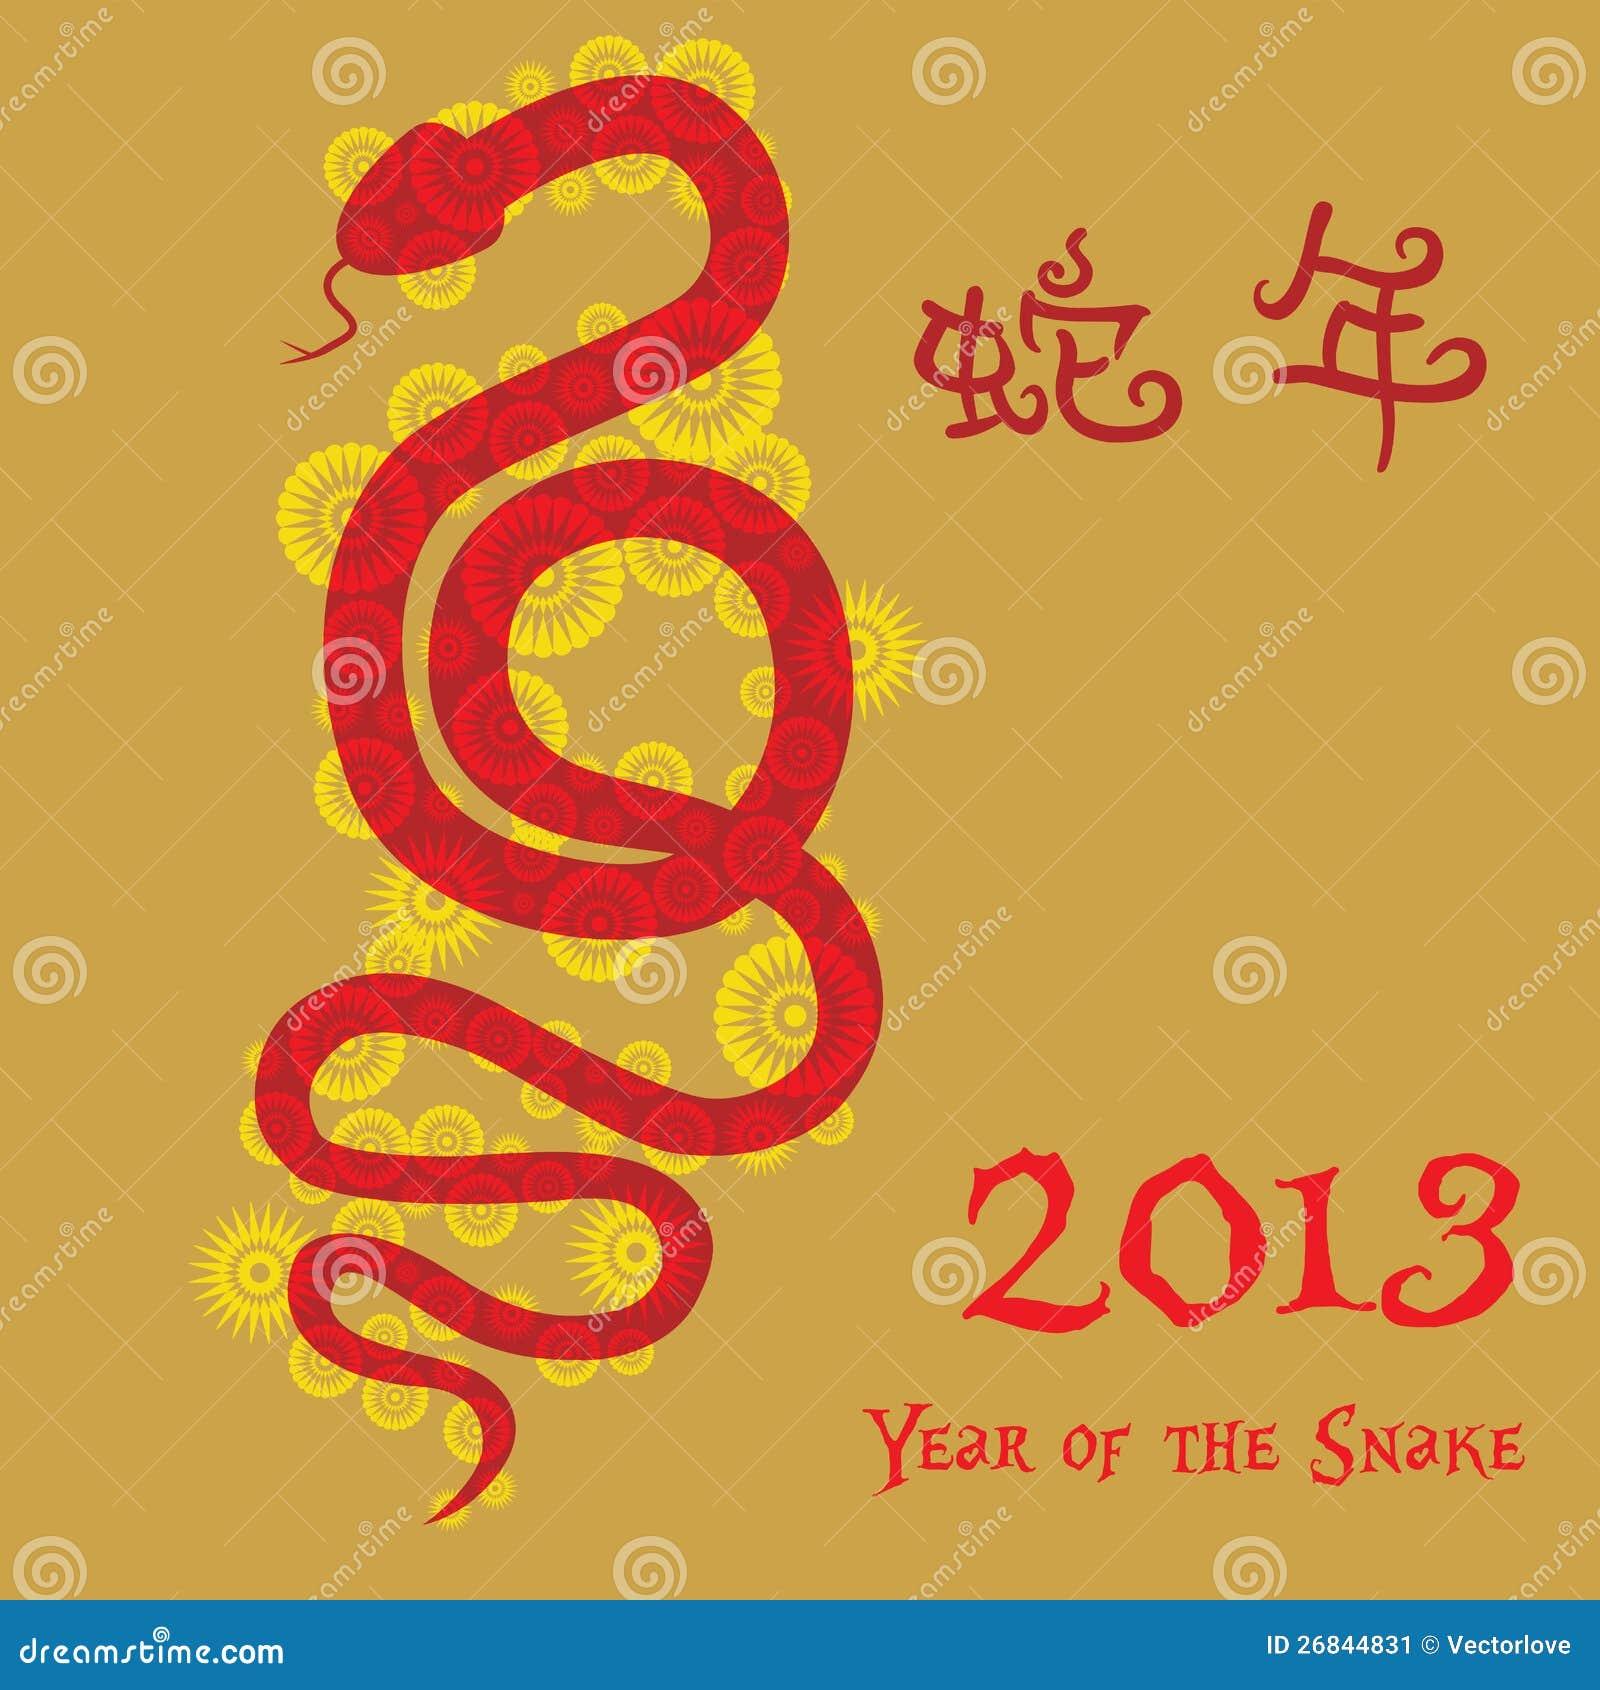 Chinesisches Neues Jahr - Jahr Der Schlange Vektor Abbildung ...